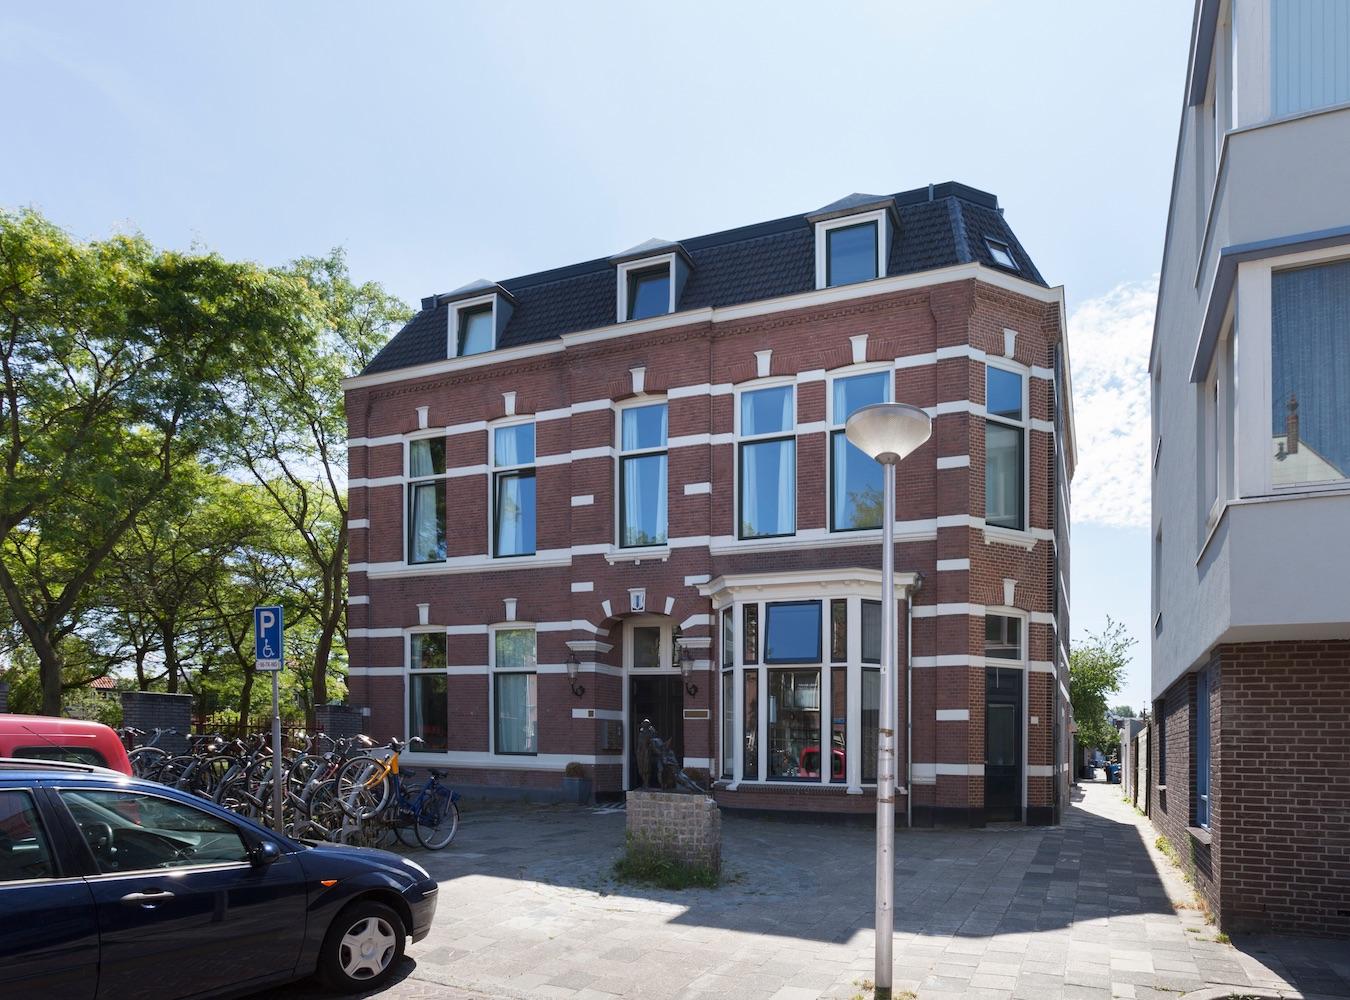 Raadhuis Hof van Delft